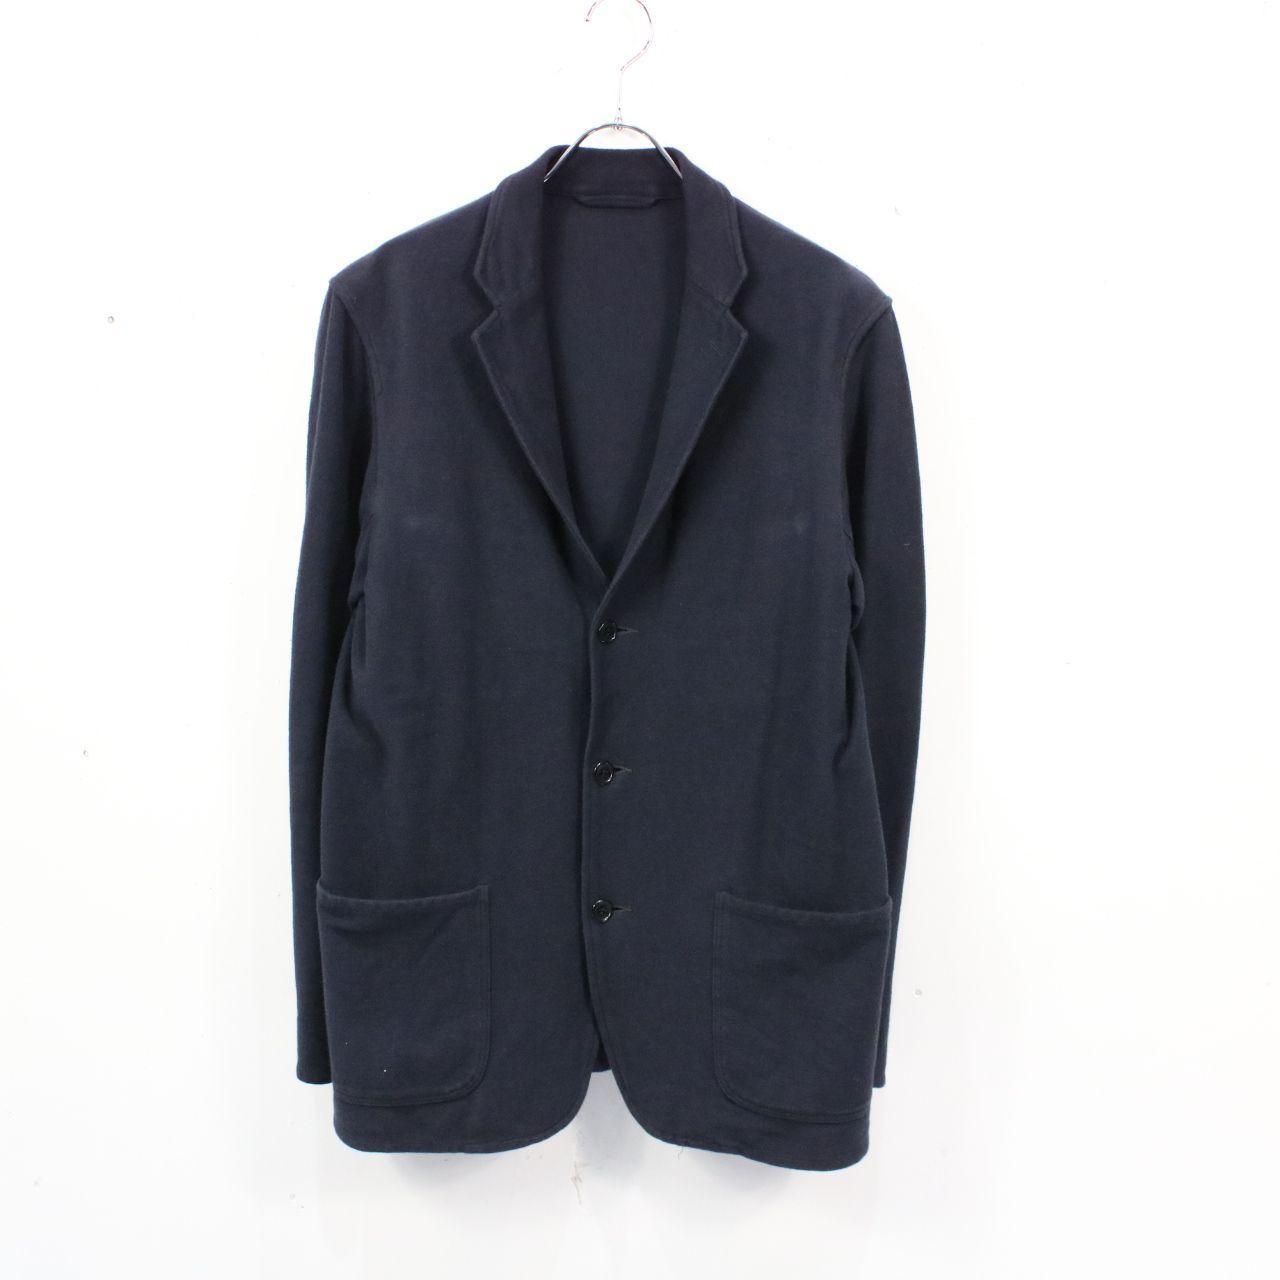 COMOLI / コモリ   インレイツイルジャケット   1   ネイビー